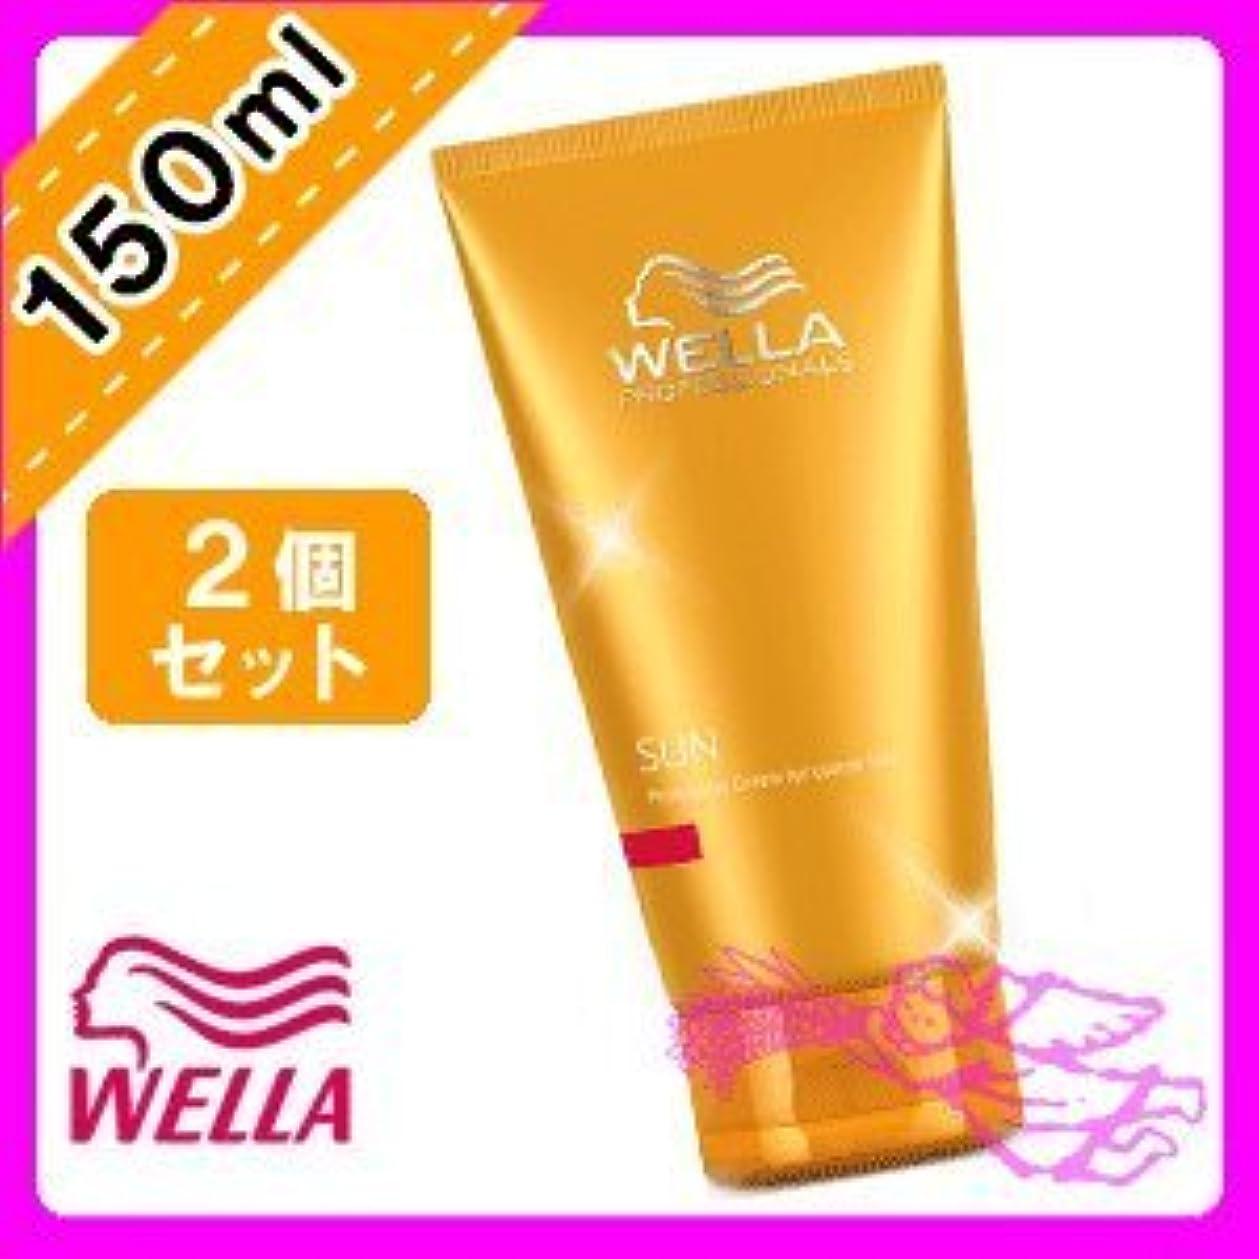 勝利した社員社説ウエラ プロフェッショナルケア サン プロテクションクリーム <150mL×2個セット> WELLA PROFESSIONALCARE UV 紫外線防止